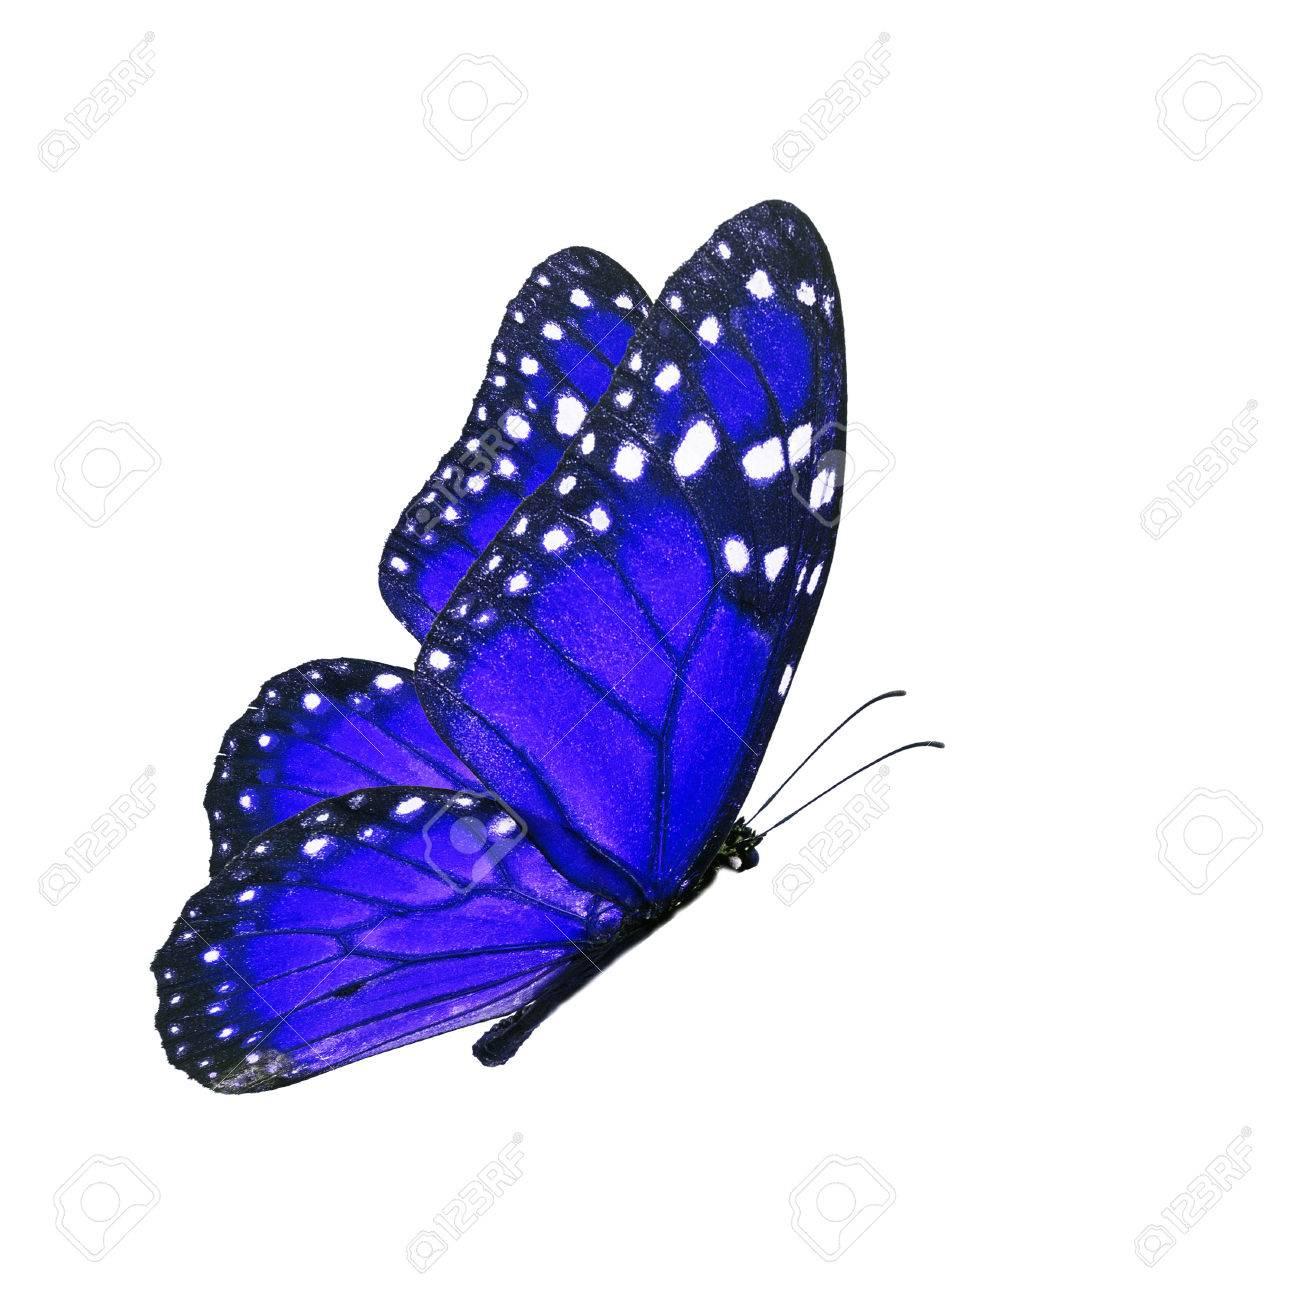 Immagini Stock Bella Farfalla Blu Battenti Isolato Su Sfondo